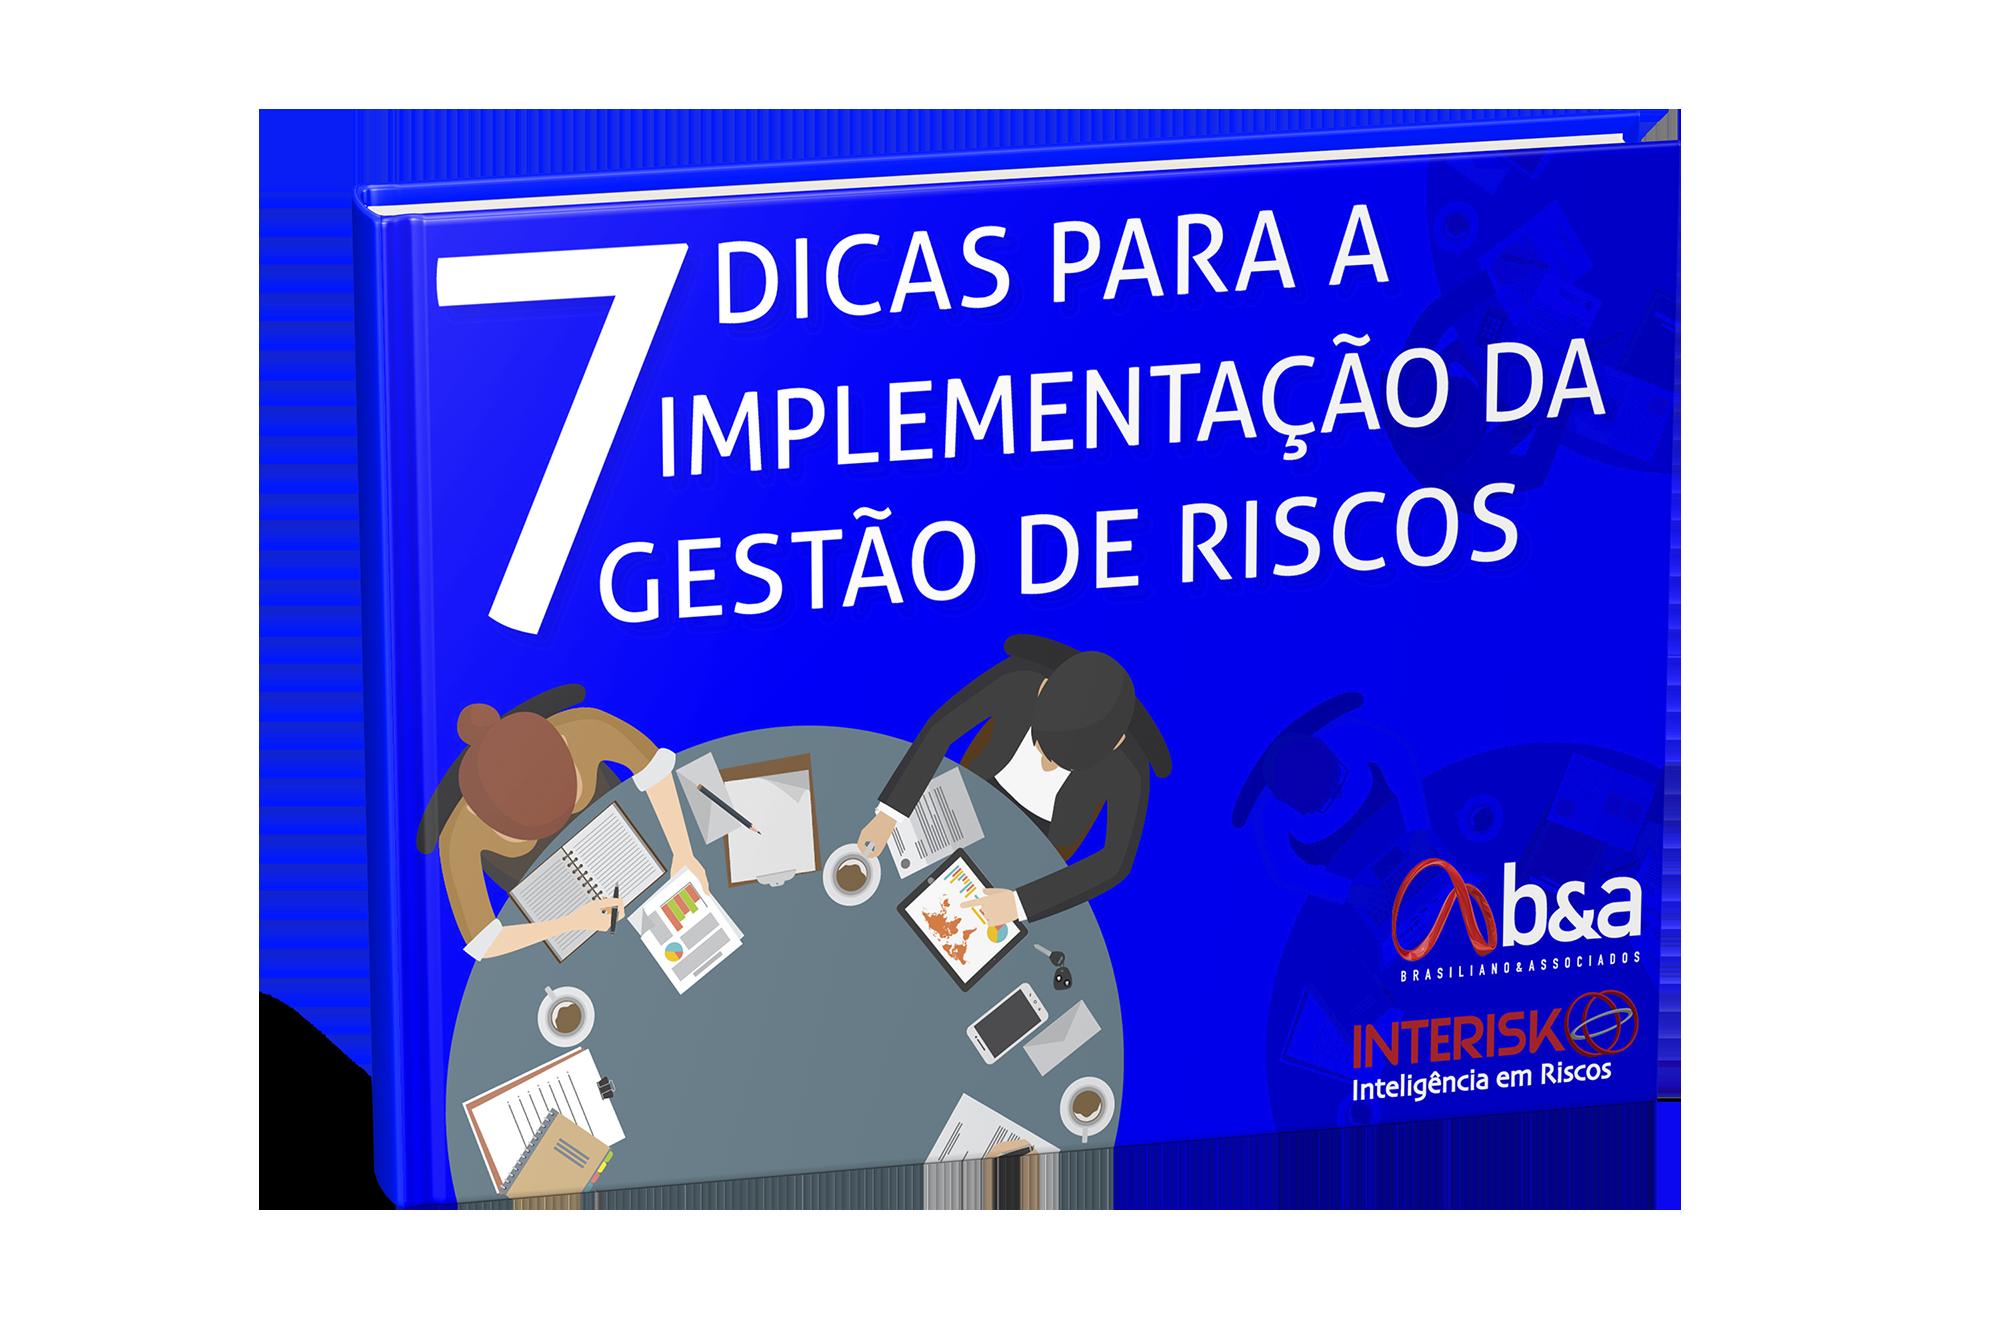 Ebook 7 dicas implementação da gestão de riscos, brasiliano interisk, gestão de riscos corporativos, ebook gestão de riscos